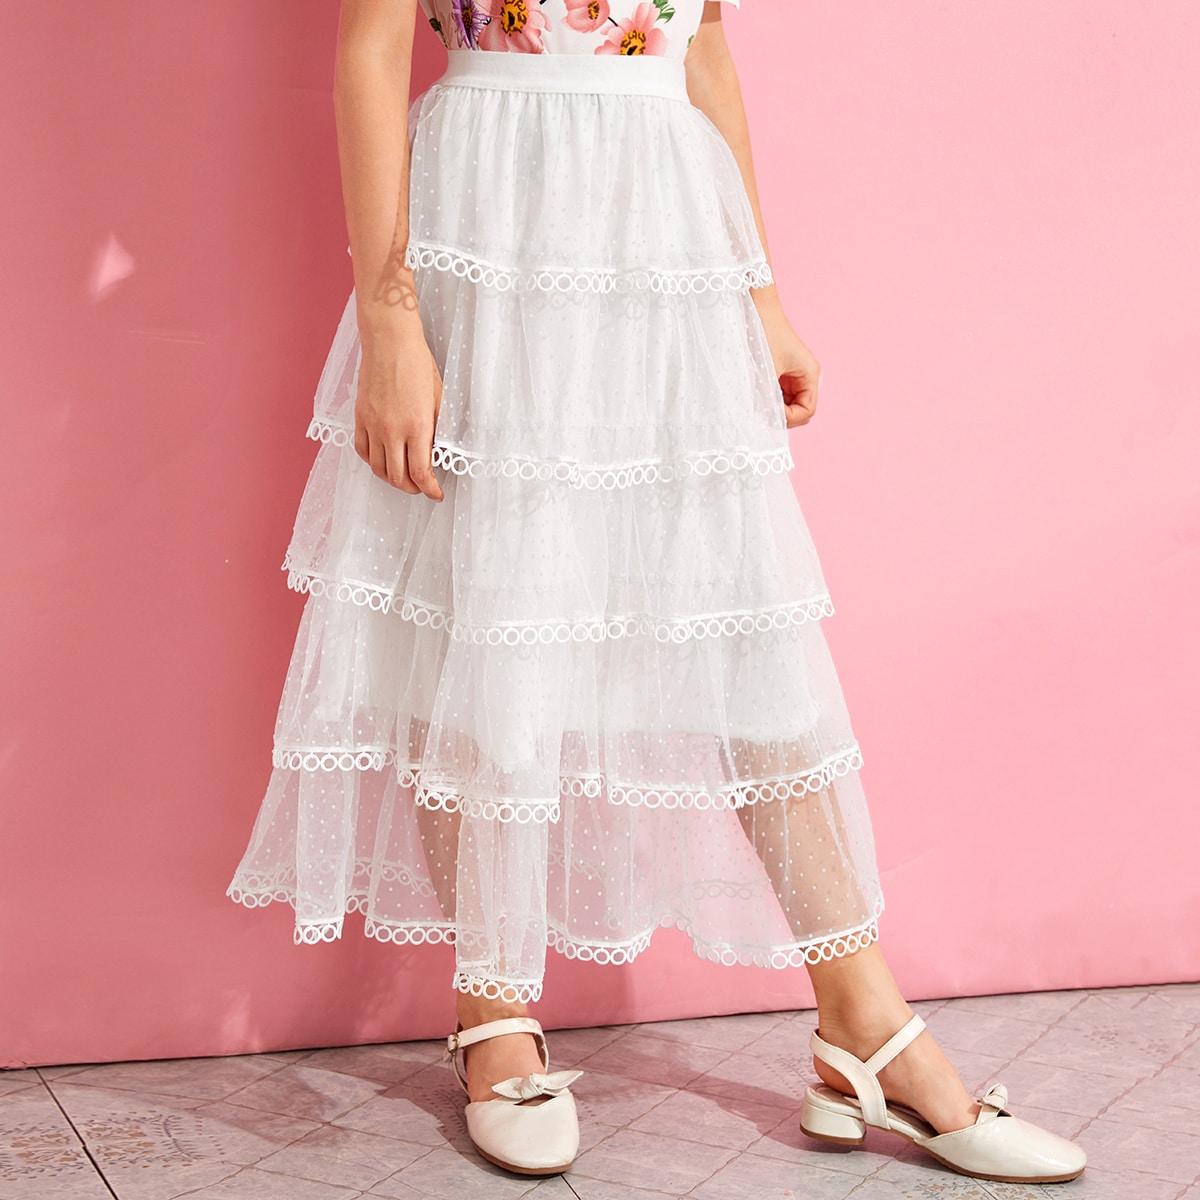 Многослойная сетчатая юбка с кружевной отделкой для девочек